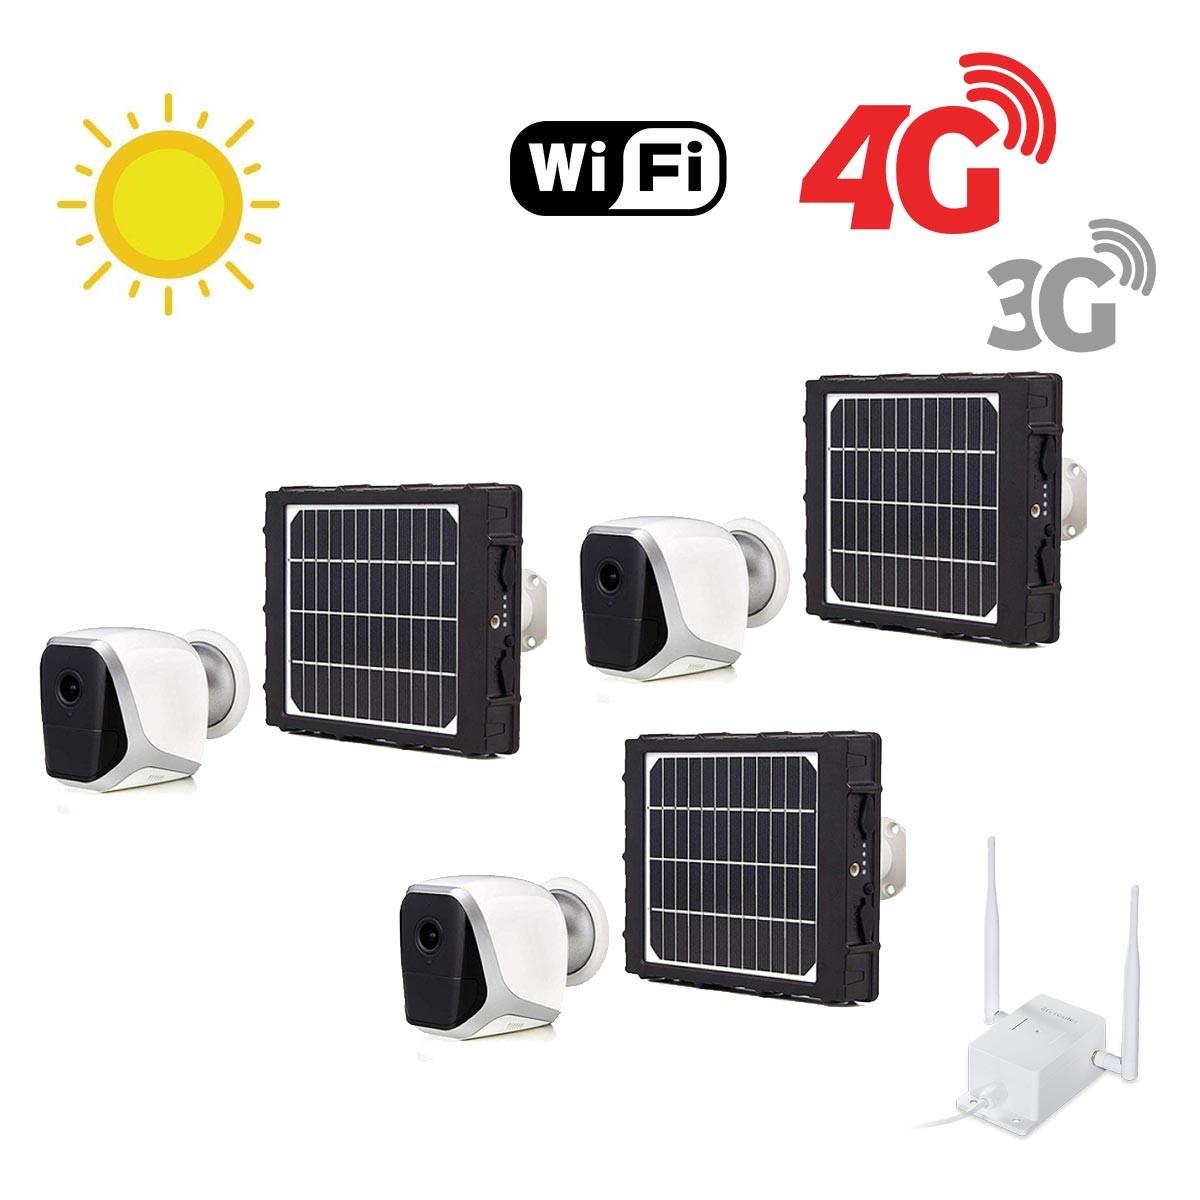 Kit de 3 smart caméras solaires Wifi HD 1080P waterproof Infrarouges accès à distance via iPhone Android 64 Go inclus avec routeur GSM 3G 4G WiFi